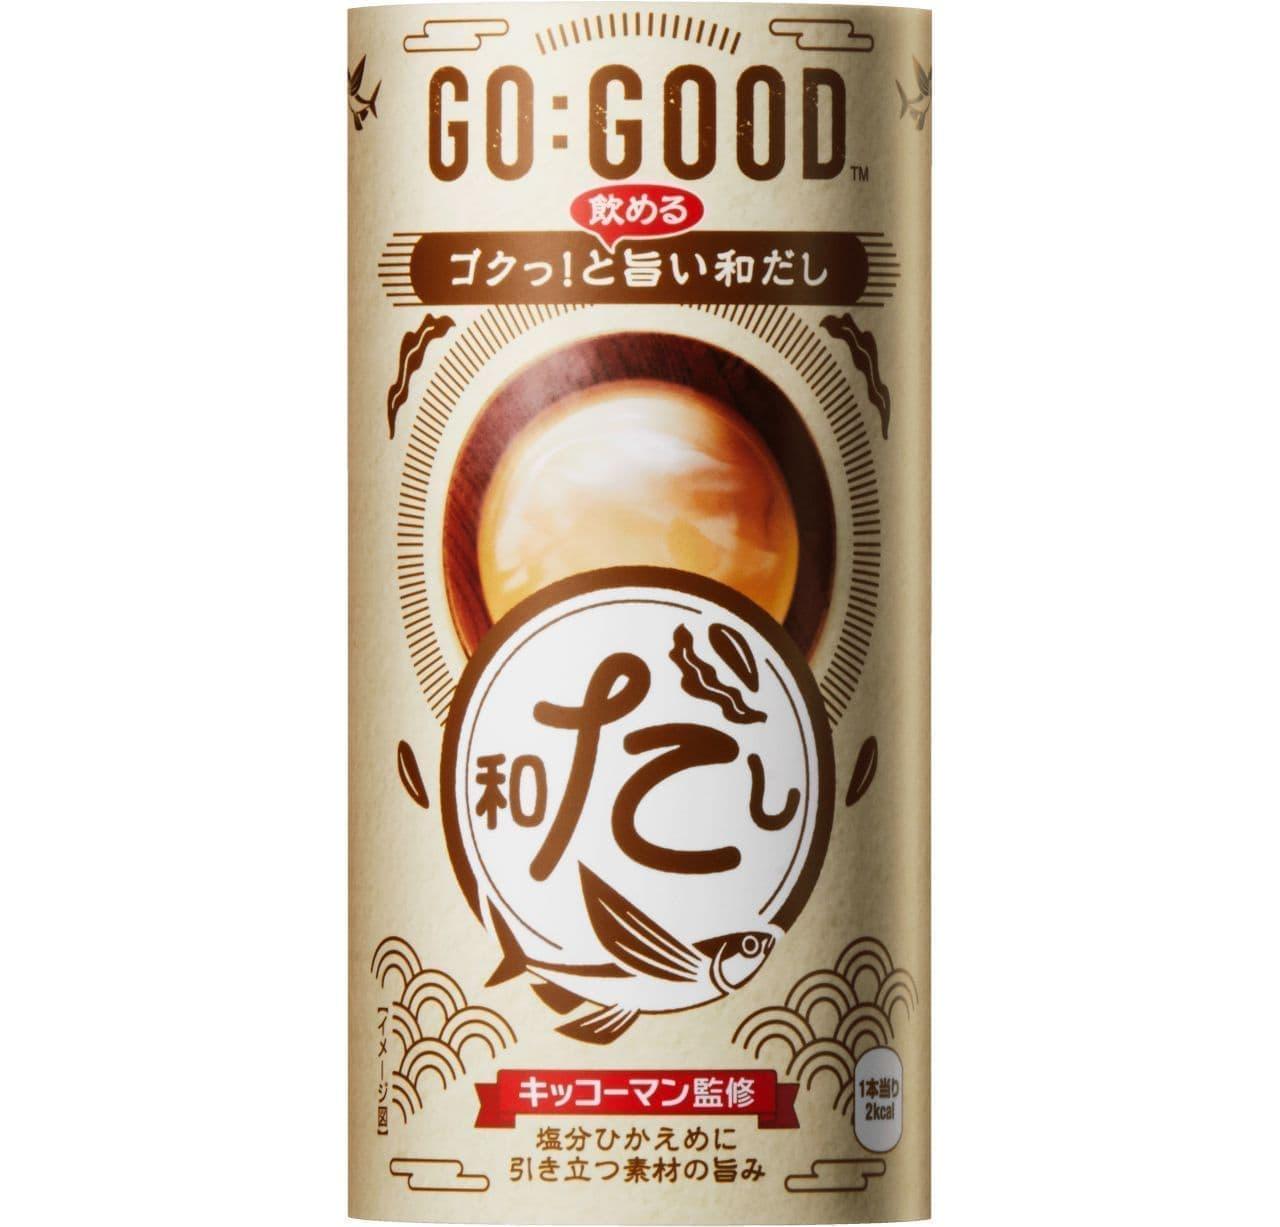 和だし飲料「GO:GOOD ゴクっ!と旨い和だし」